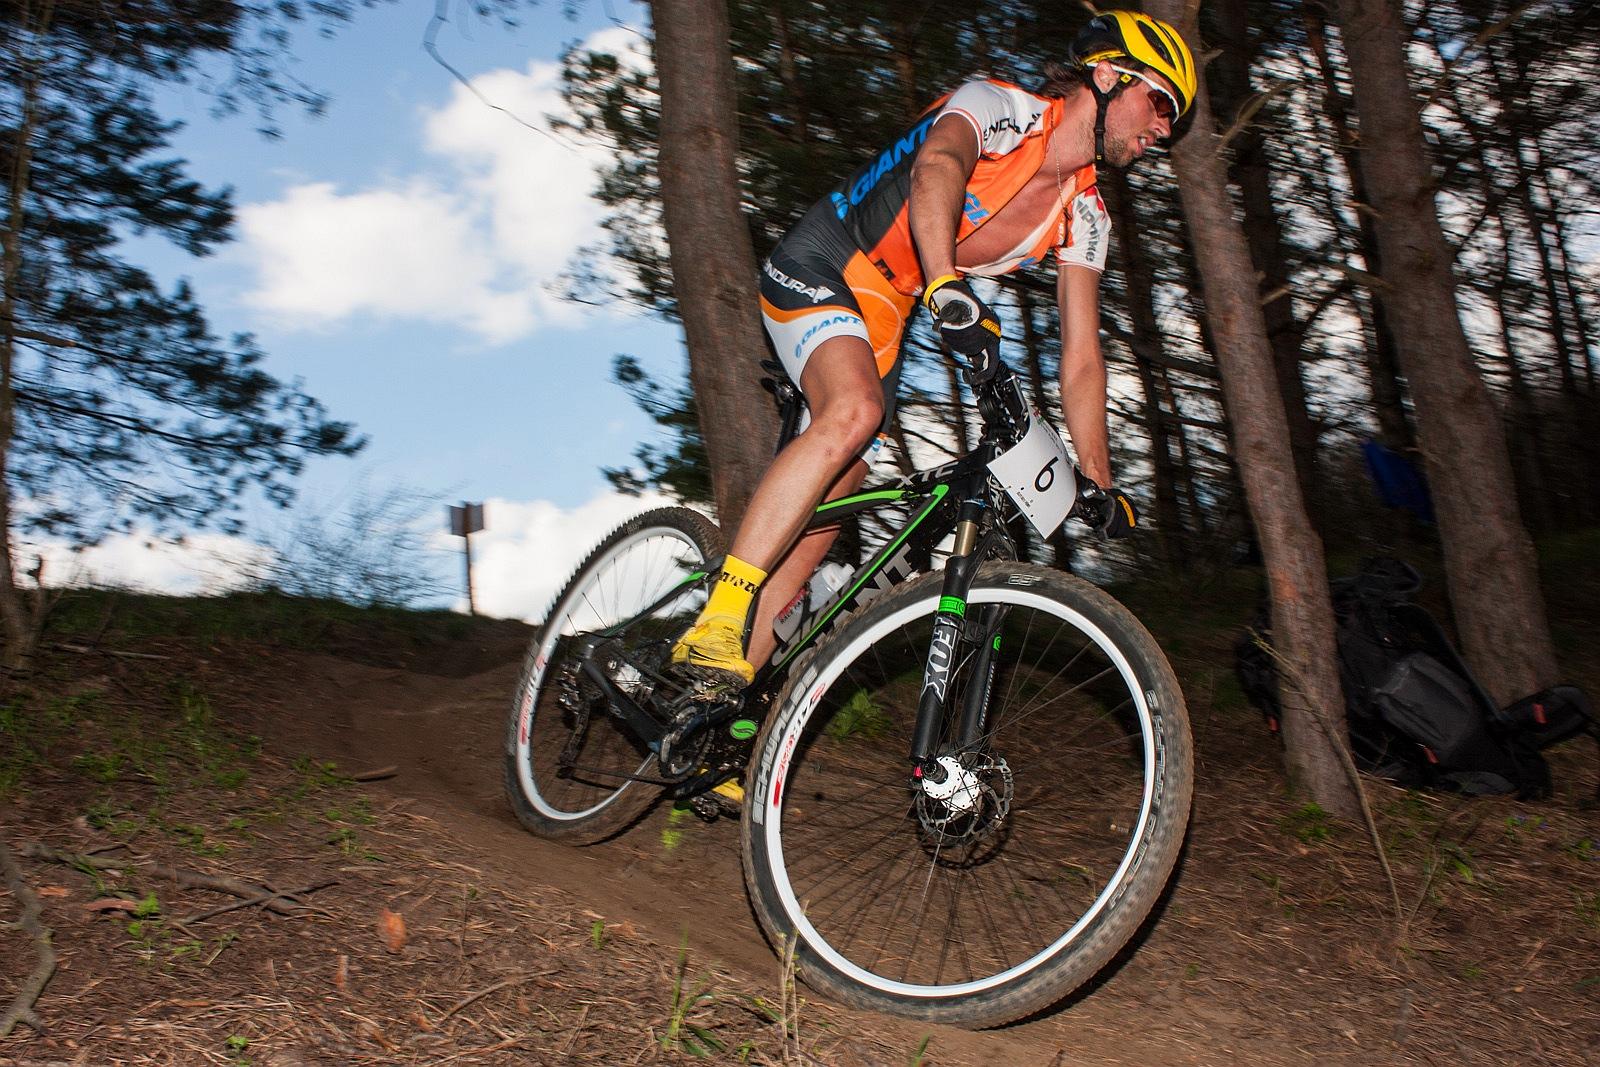 Búr Zsolt az XCO nyitányon is hozta a cyclocross versenyeken már-már bérelt 3. helyét